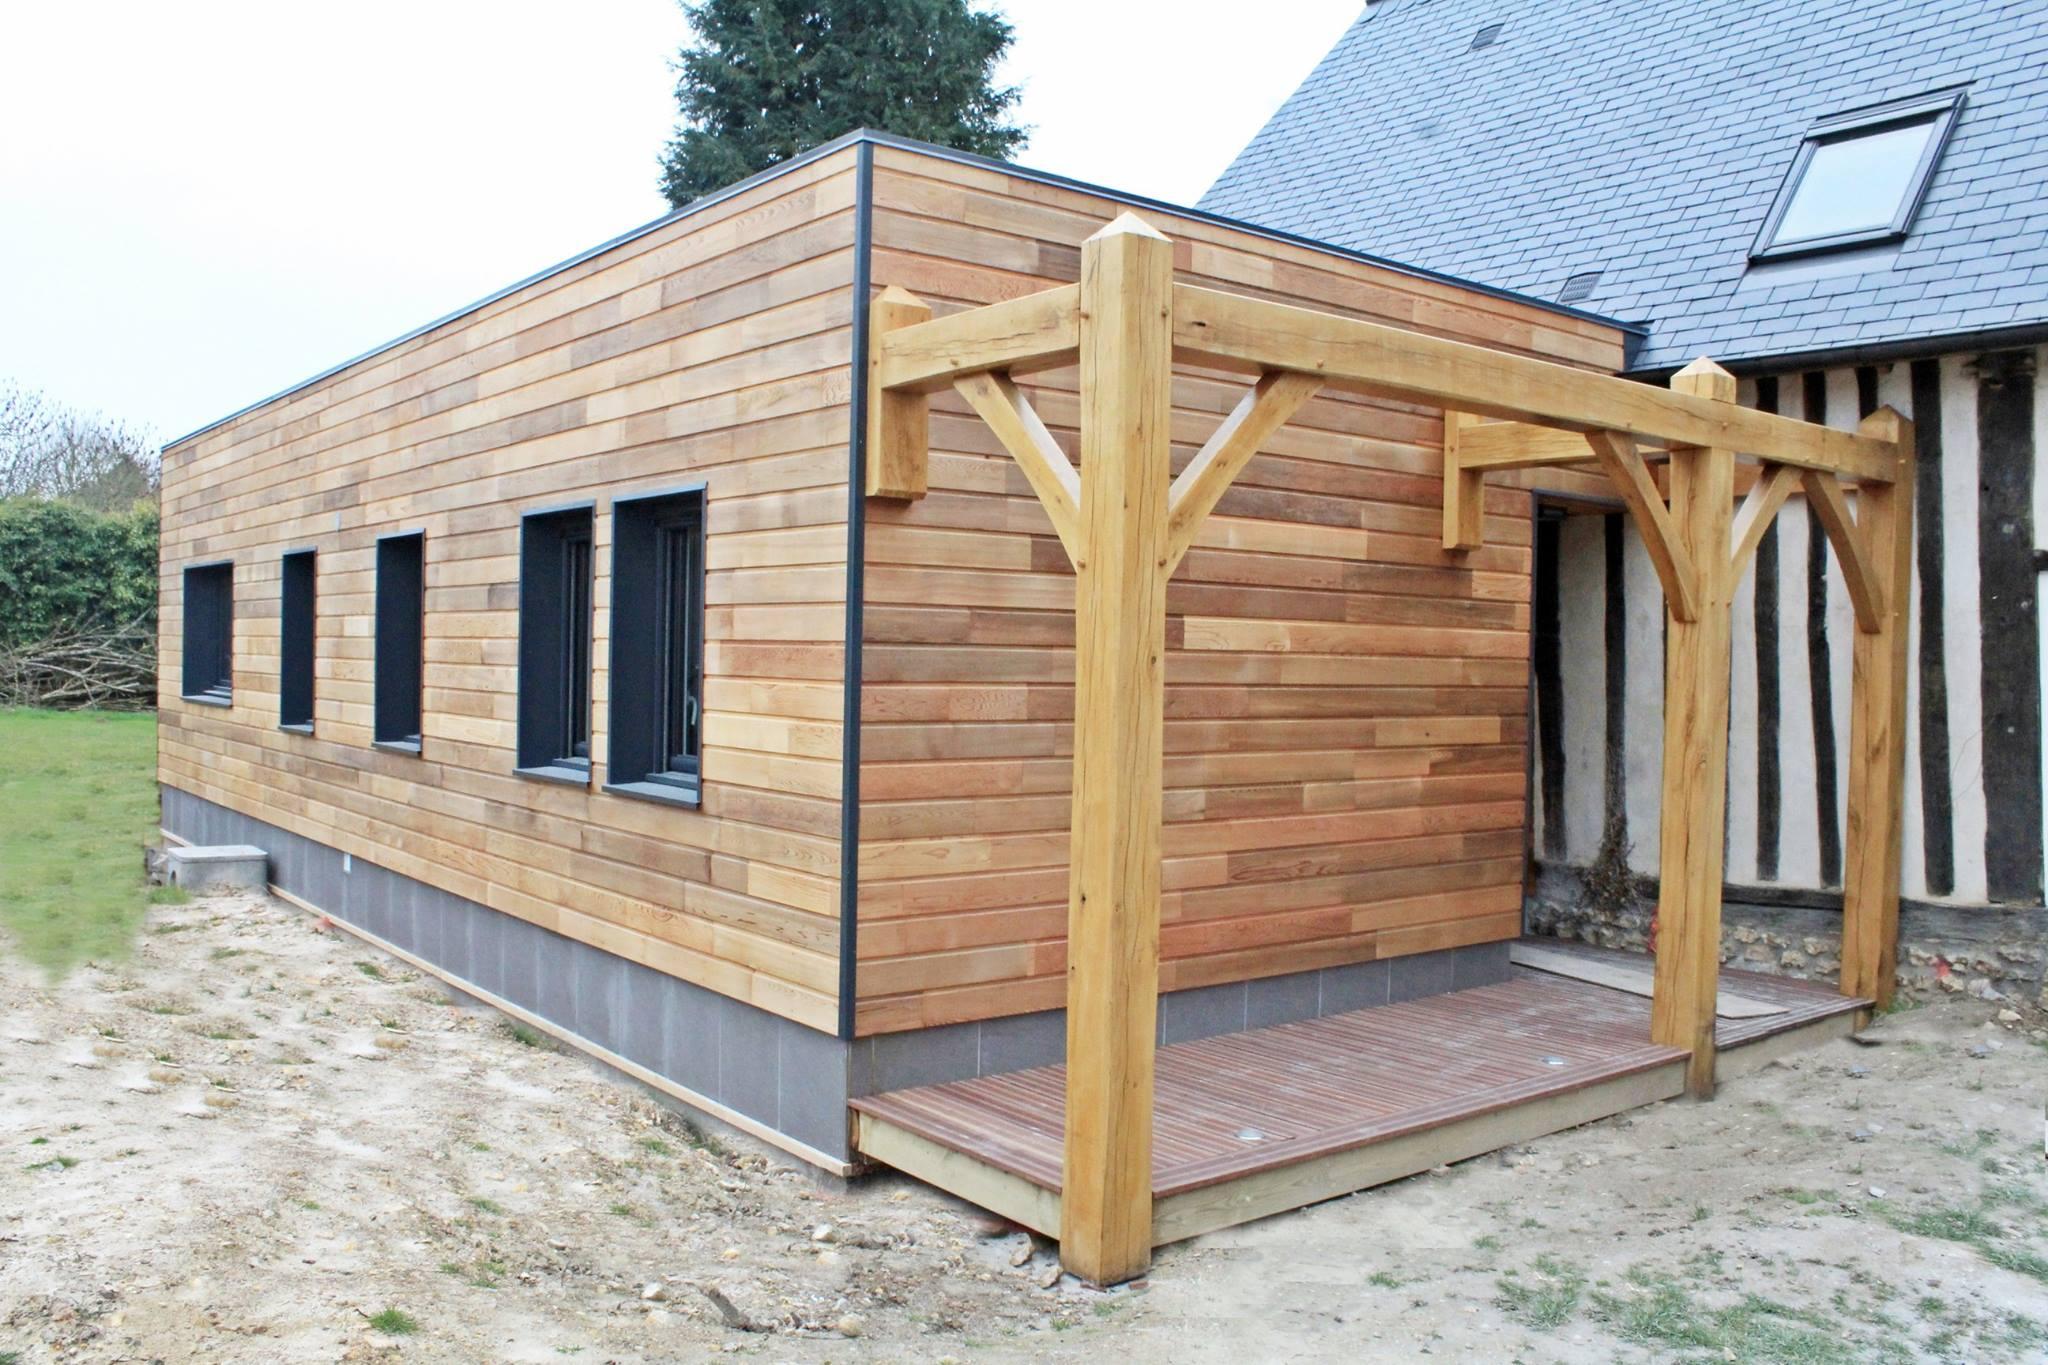 Ossature bois alliance bois construction - Extension maison ossature bois ...